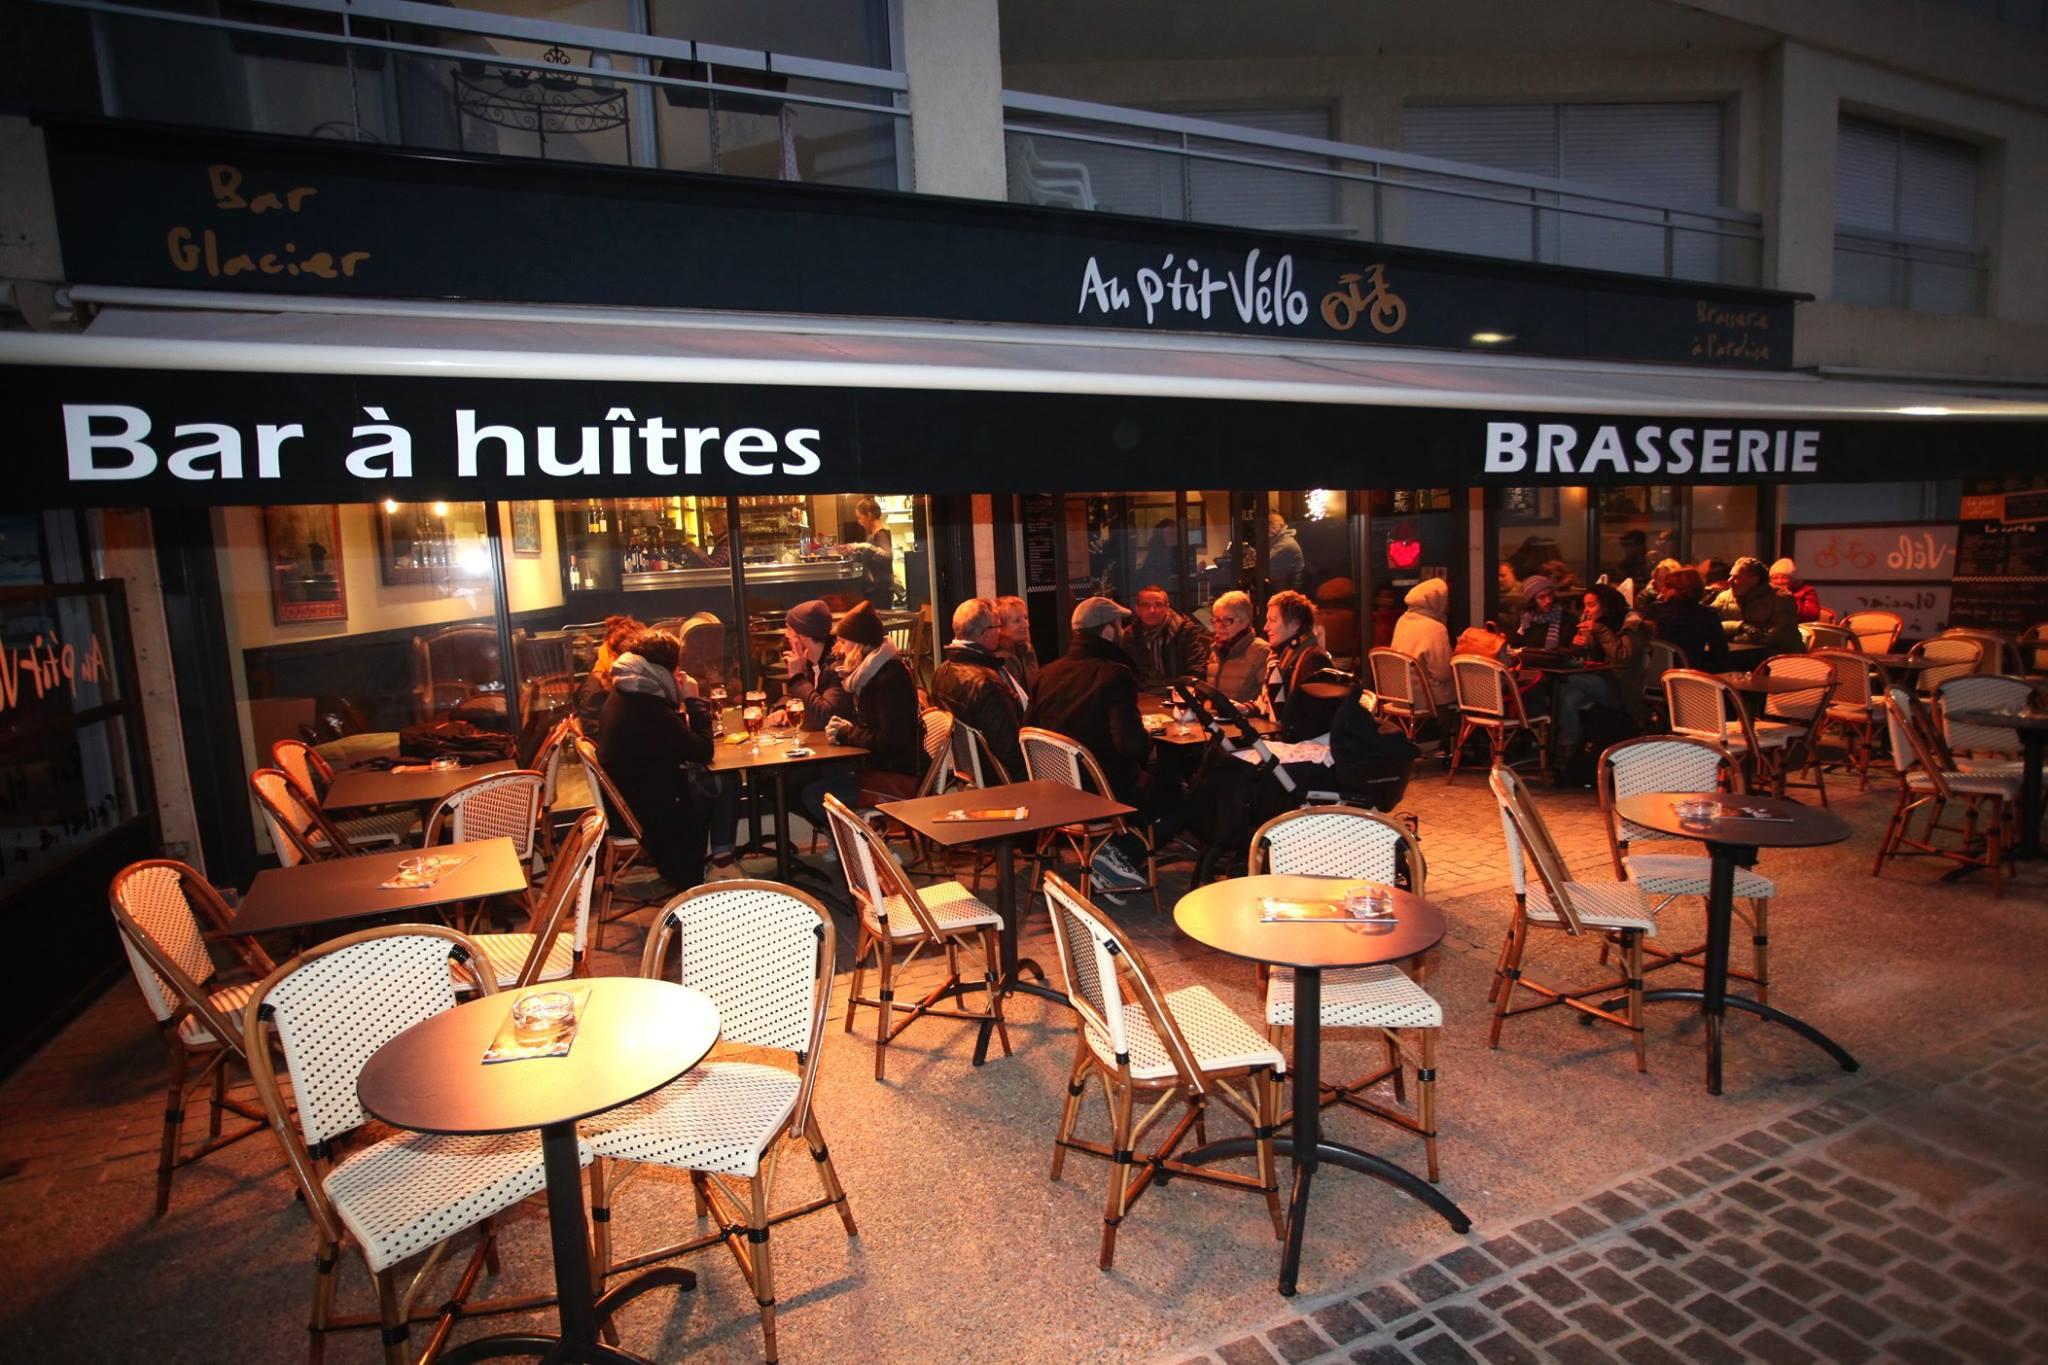 Brasseries - Bistrots